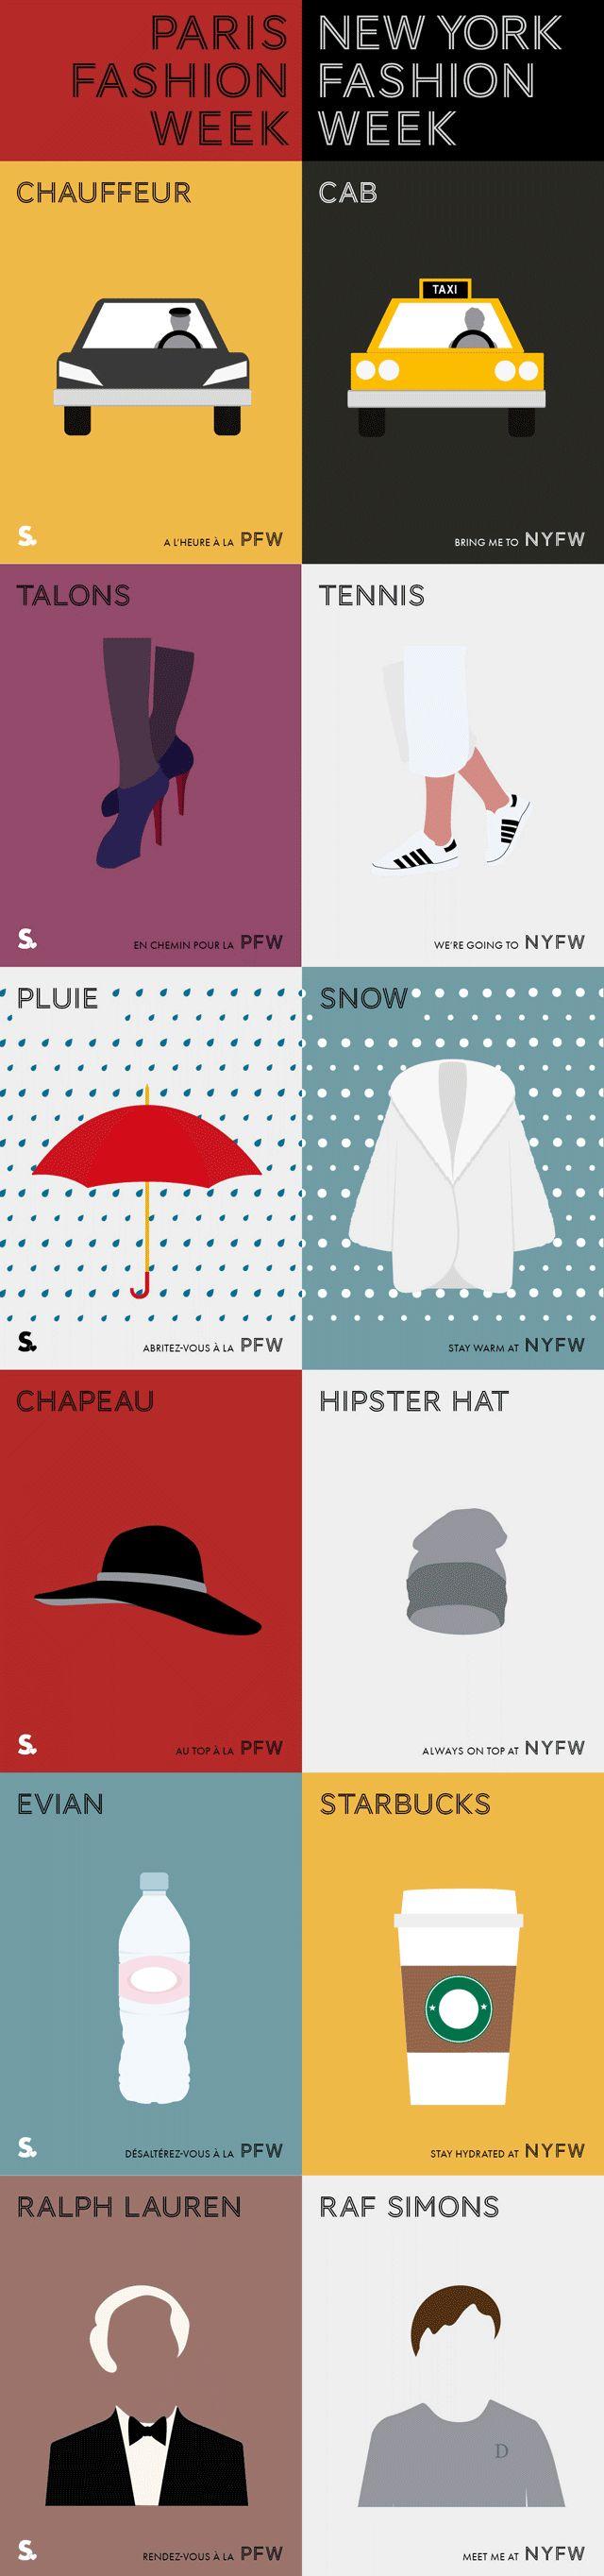 #Infographie : Différence entre les Fashion Weeks à #Paris et à #NewYork